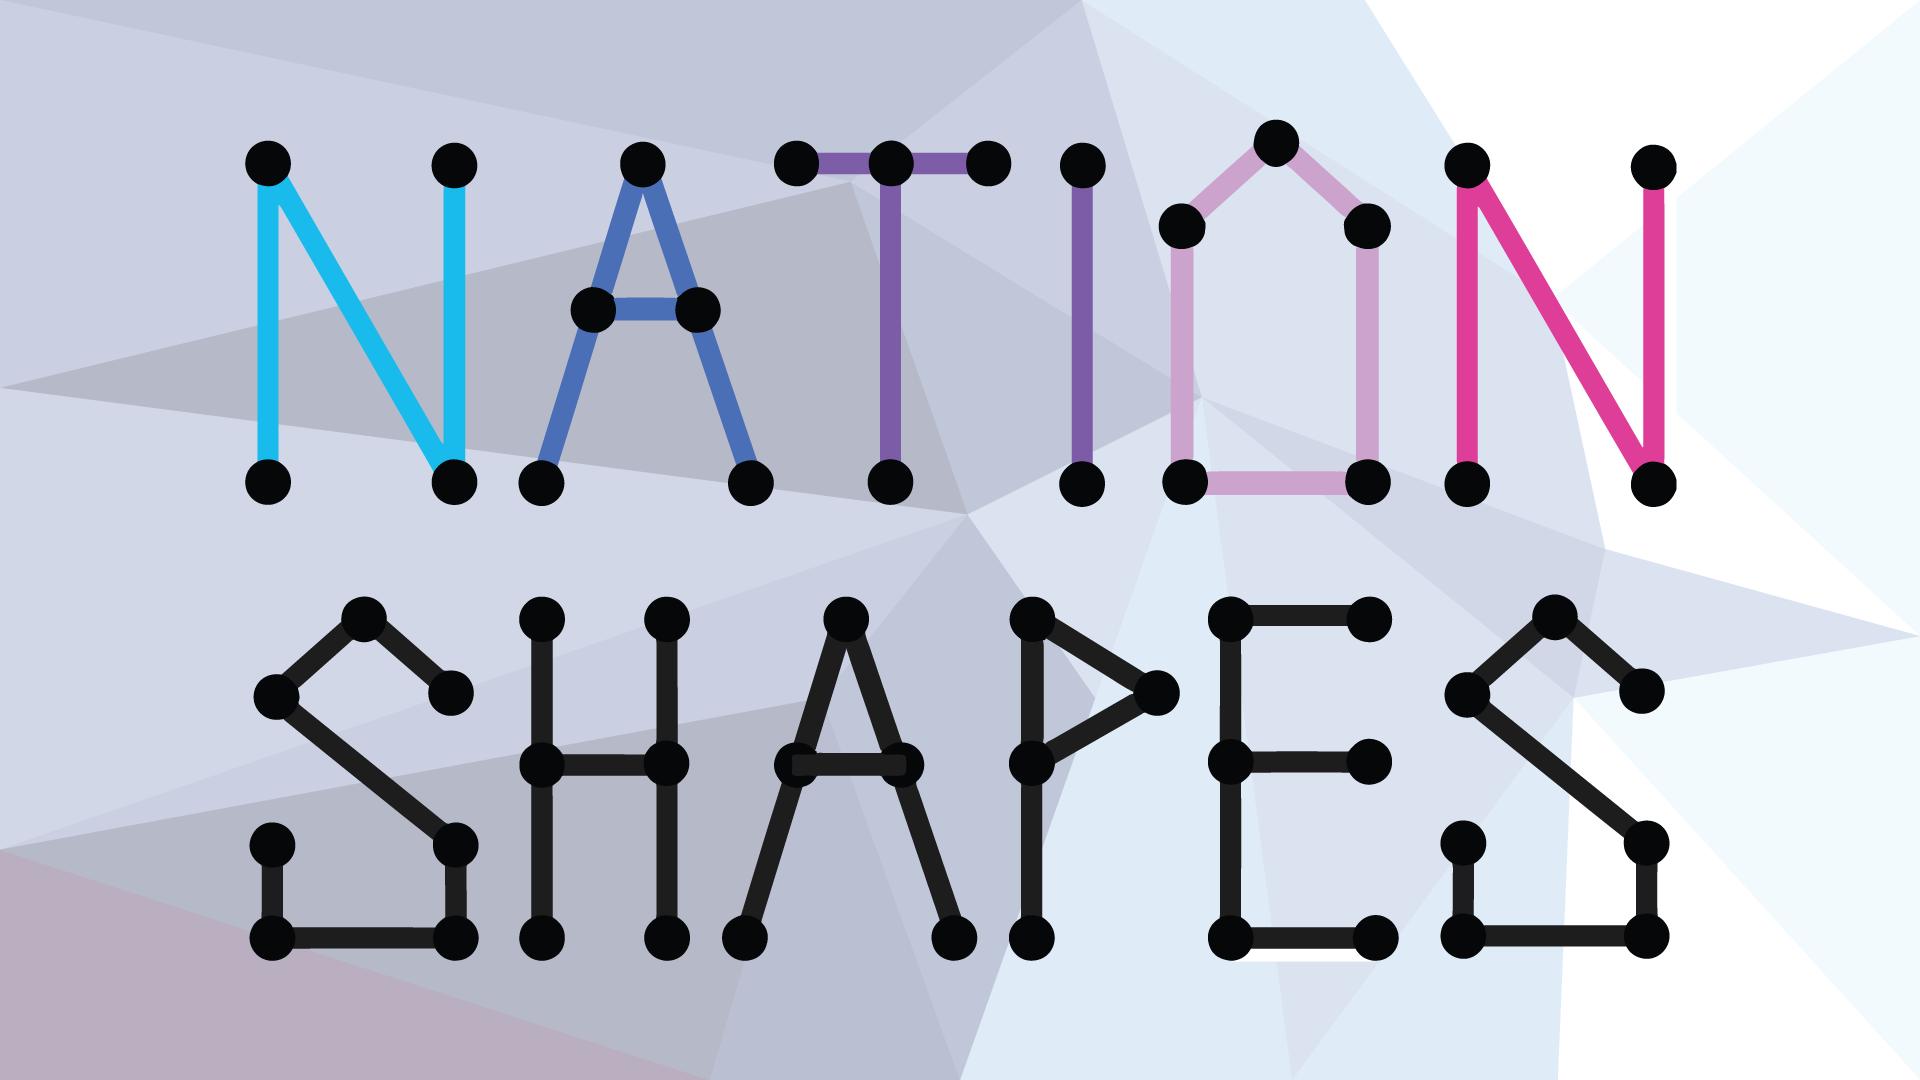 Nation Shapes